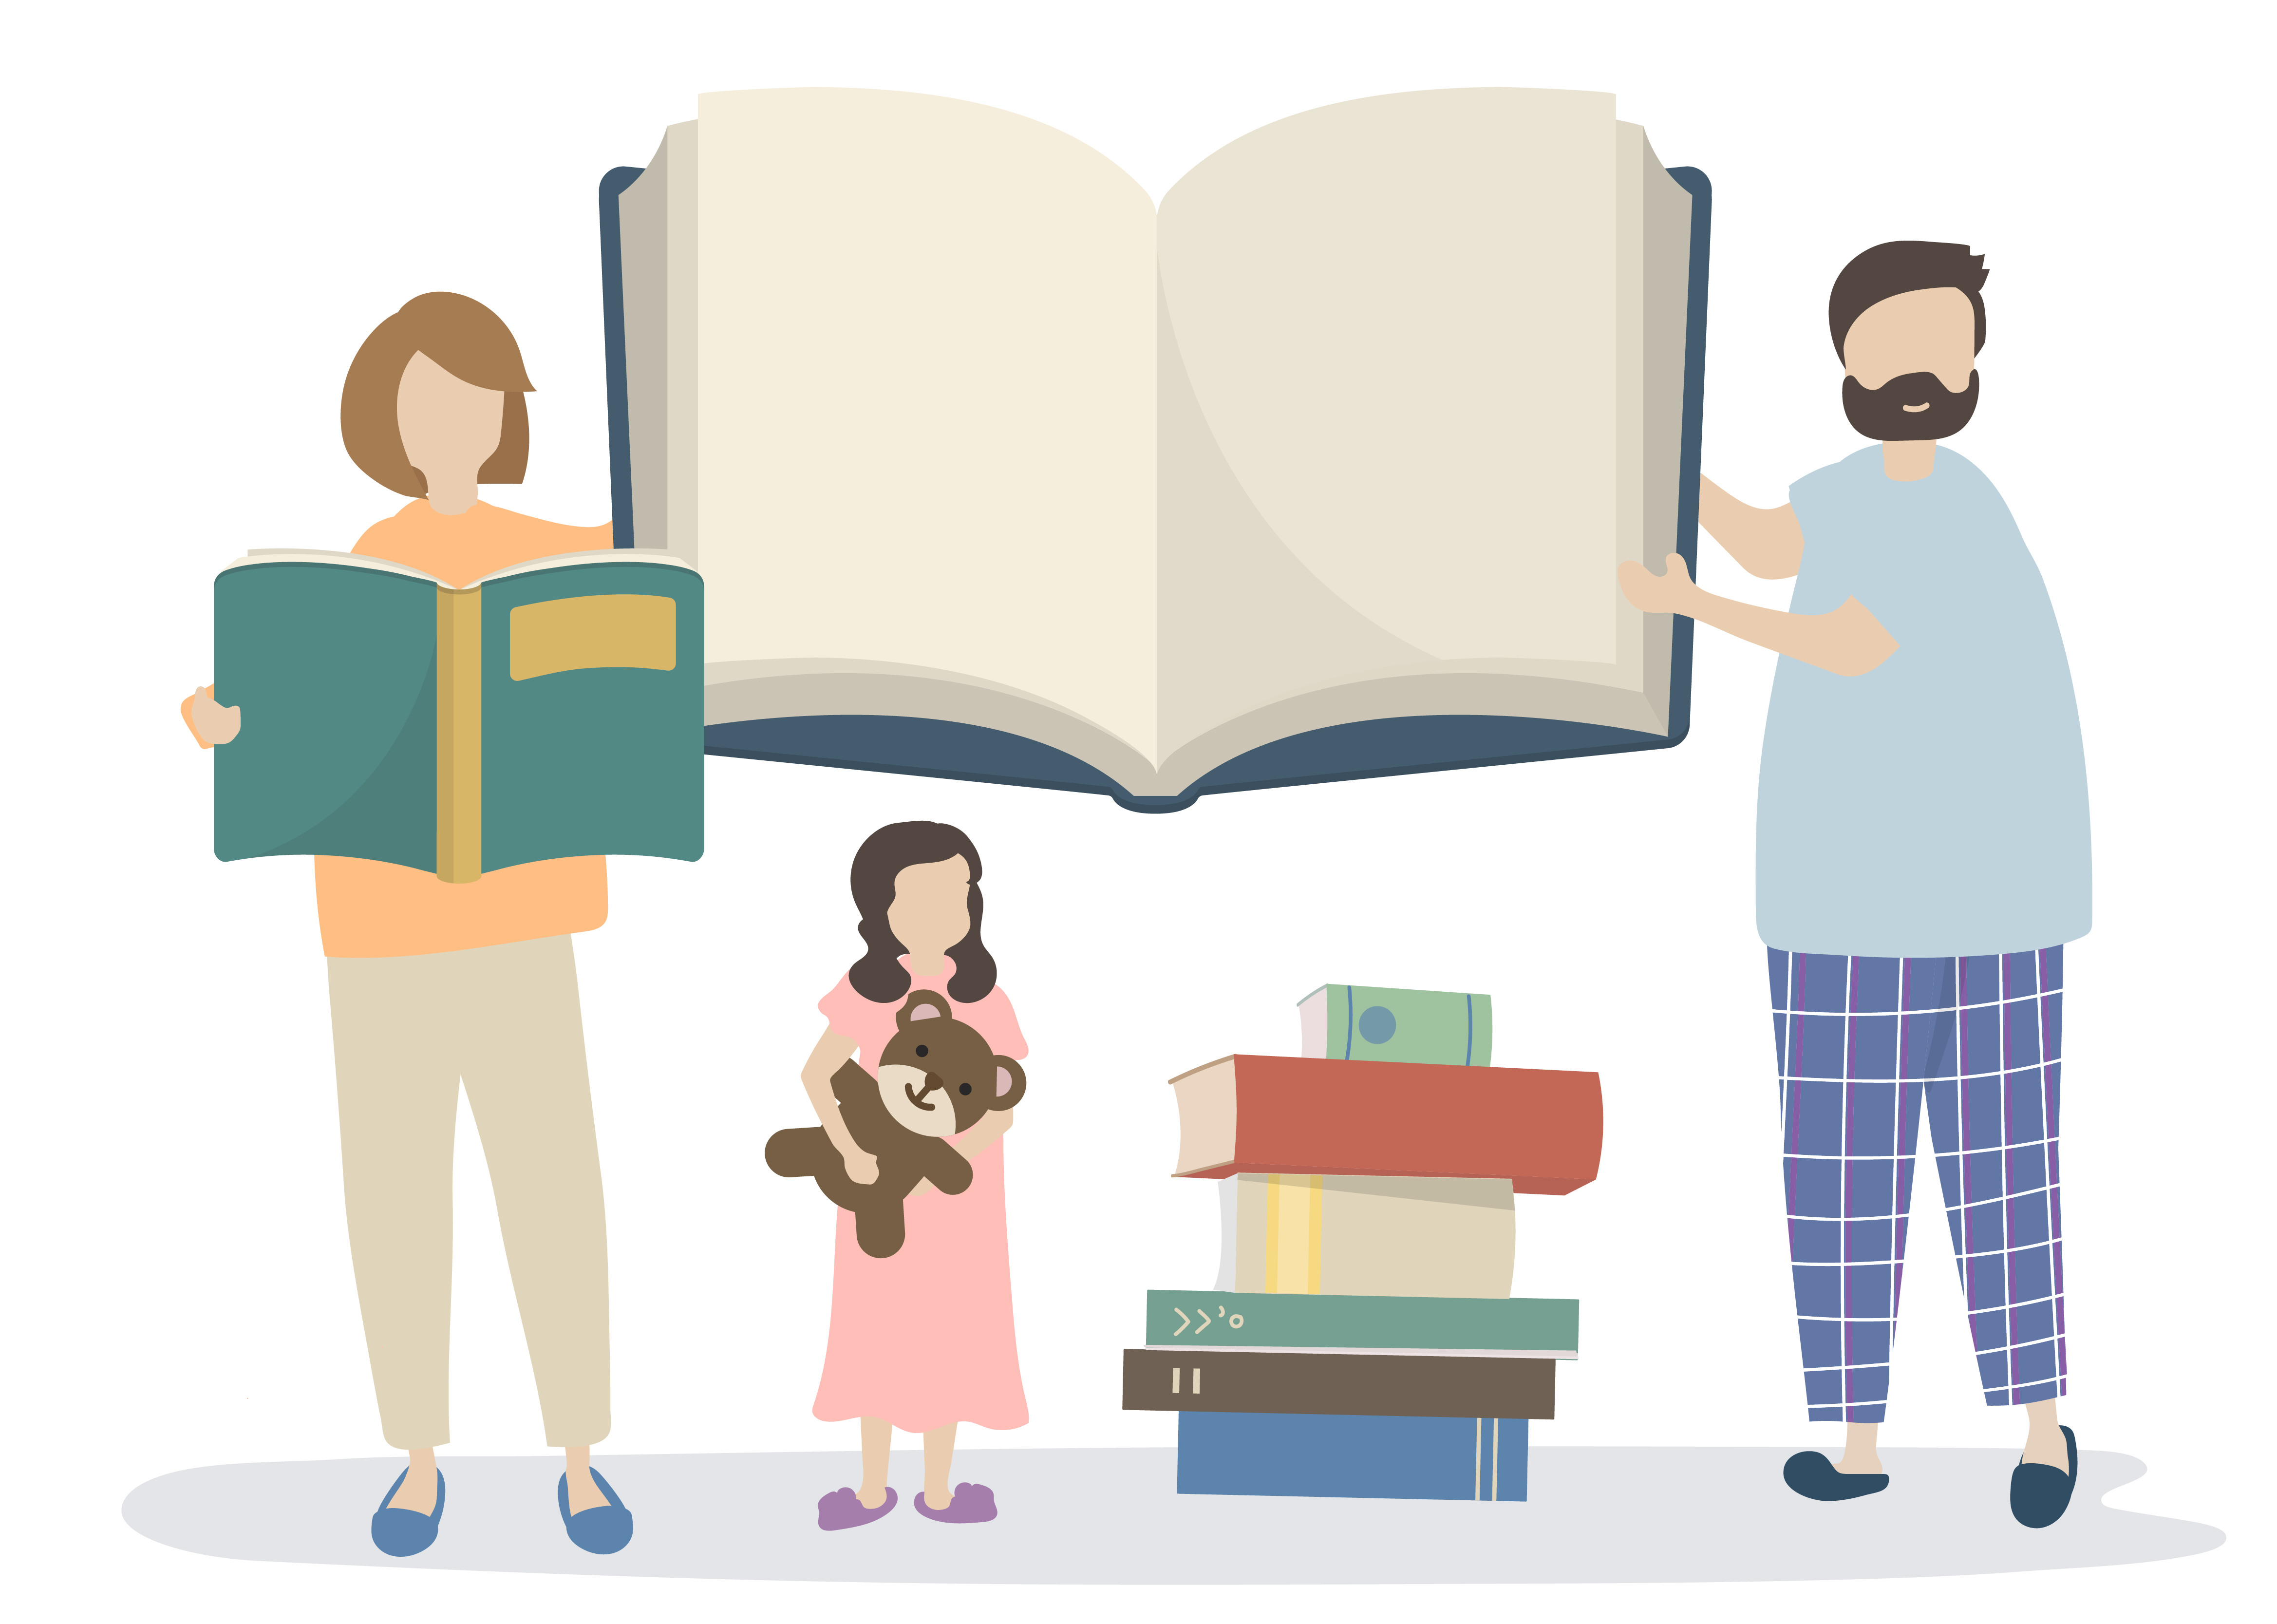 семья читает книги картинки на прозрачном фоне также